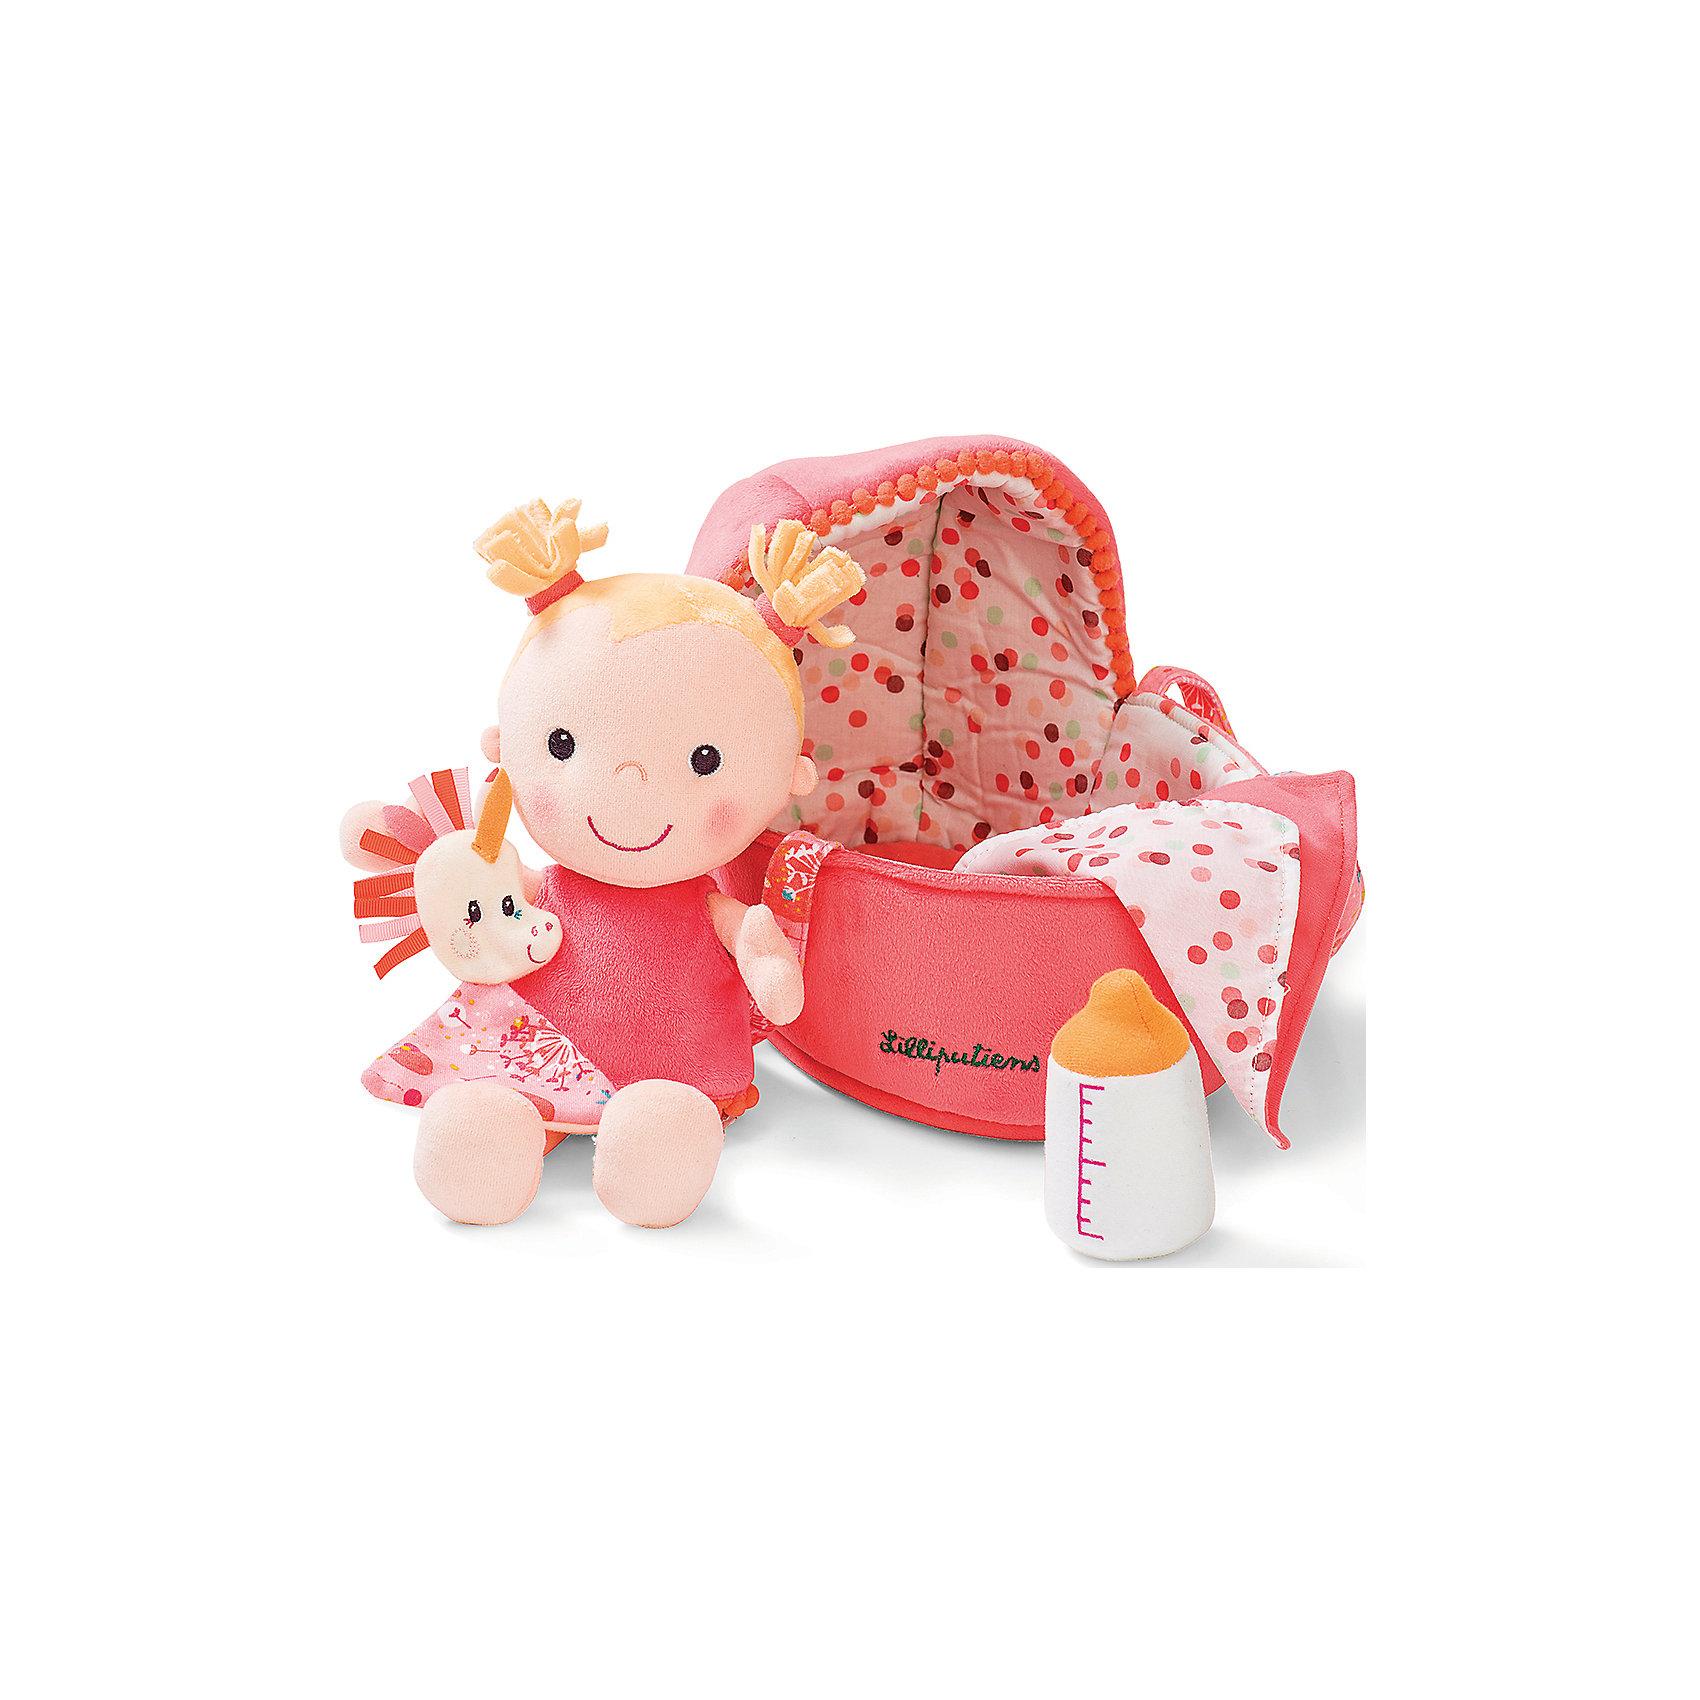 Мягкая куколка в переноске с игрушкой, LilliputiensИгрушки для малышей<br>Характеристики товара:<br><br>- цвет: разноцветный;<br>- материал: текстиль, полиэстр, хлопок;<br>- габариты: 18,5x8,5x27 см;<br>- вес: 540 г;<br>- комплектация: кукла, аксессуары;<br>- возраст от: 1 года.<br><br>Дочки–матери – любимая игра всех малышек. Текстильные куклы – приятное и веселое развлечение. Куколка в переноске – сочетание традиционного пупса и модной тряпичной игрушки. Подходит как для одиночной игры, так и для игры в кругу друзей. Прививает малышке чувство ответственности и развивает социальные навыки. Материалы, использованные при изготовлении изделия, абсолютно безопасны и полностью отвечают международным требованиям по качеству детских товаров.<br><br>Игрушку Мягкая куколка в переноске с игрушкой от бренда Liliputiens можно купить в нашем интернет-магазине.<br><br>Ширина мм: 30<br>Глубина мм: 20<br>Высота мм: 20<br>Вес г: 530<br>Возраст от месяцев: 9<br>Возраст до месяцев: 2147483647<br>Пол: Женский<br>Возраст: Детский<br>SKU: 5097374